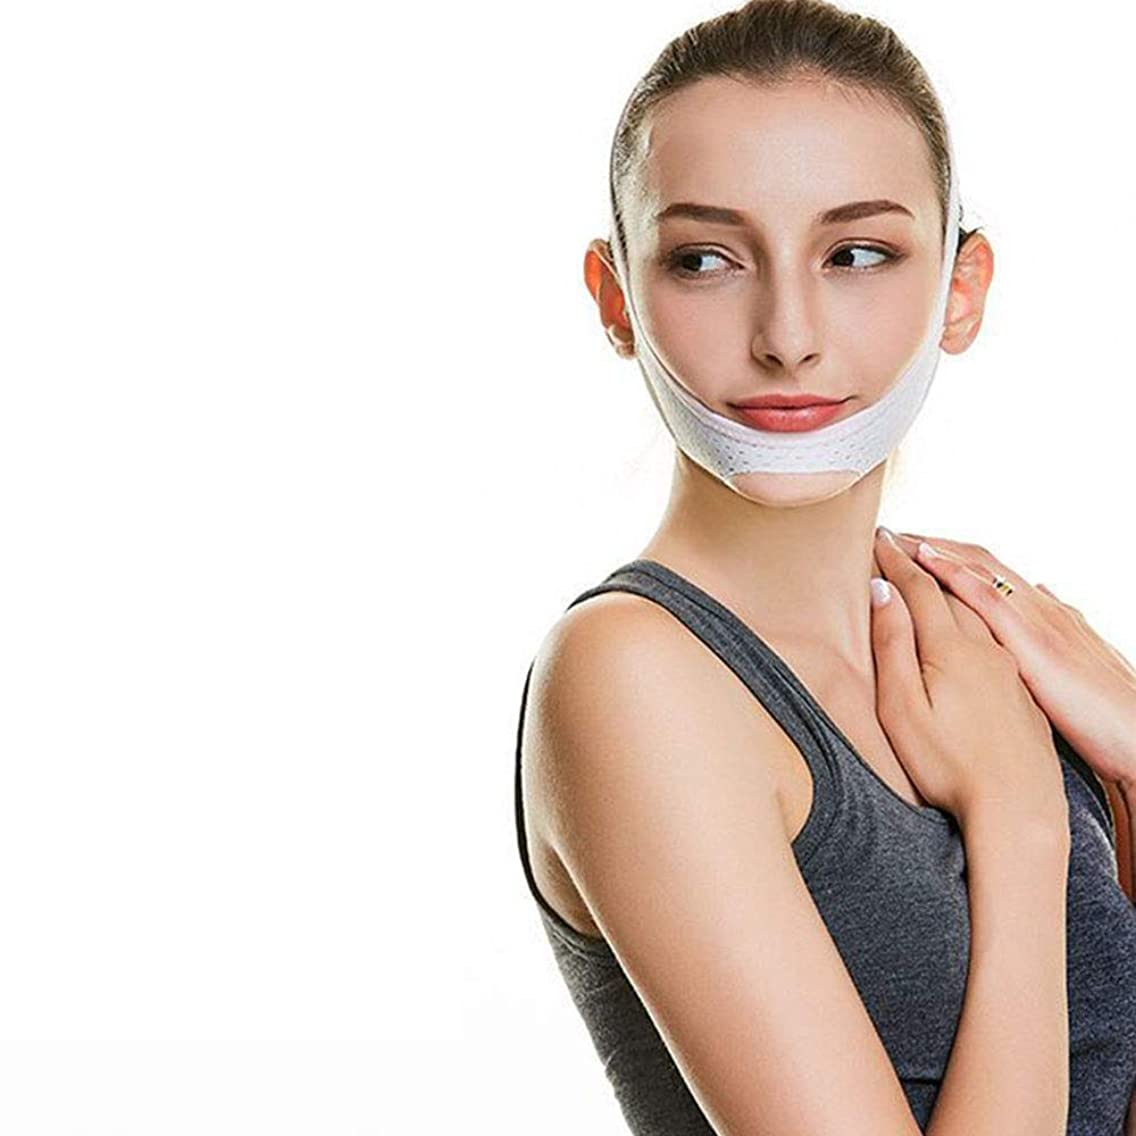 火山学者なめらかフィドルVフェイスライン包帯、顎ほぐれ防止防シワマスク極薄ベルト/ダブルチンフェイスタイプアライナ(ホワイト)